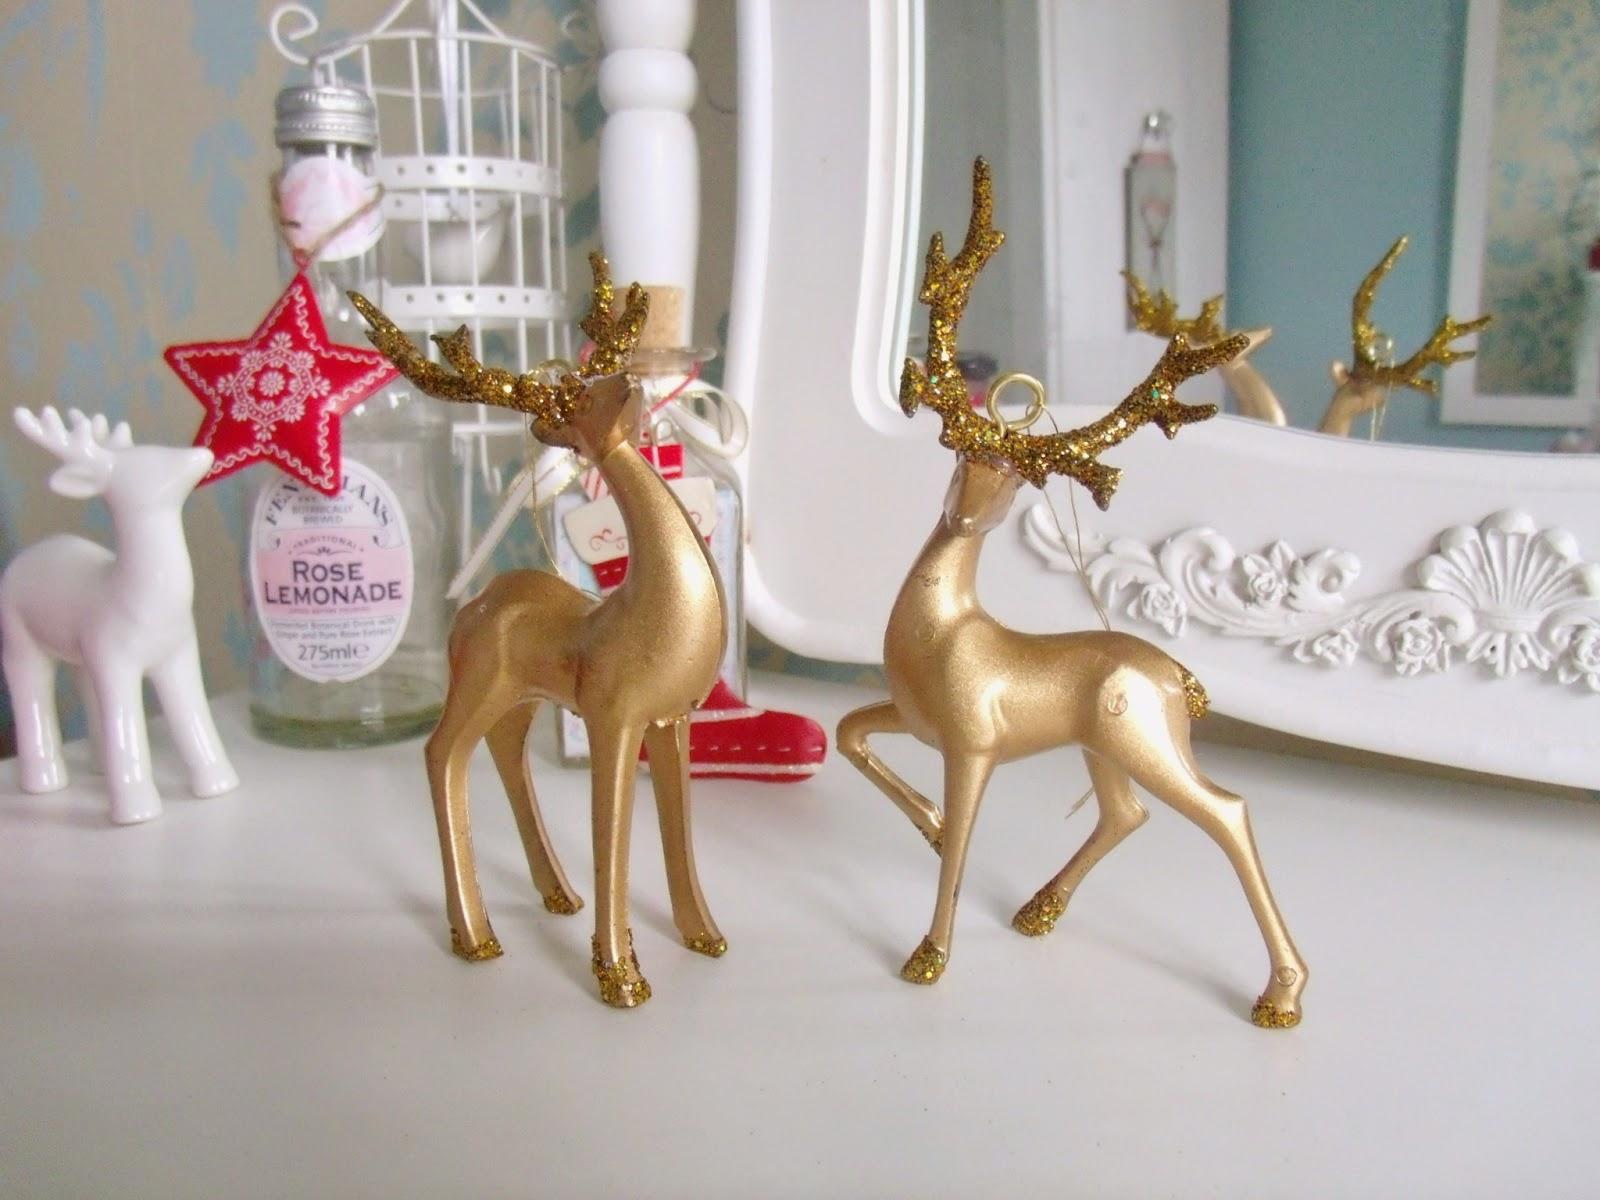 Poundland christmas buys victoria 39 s vintage blog for Sia home fashion christmas decorations